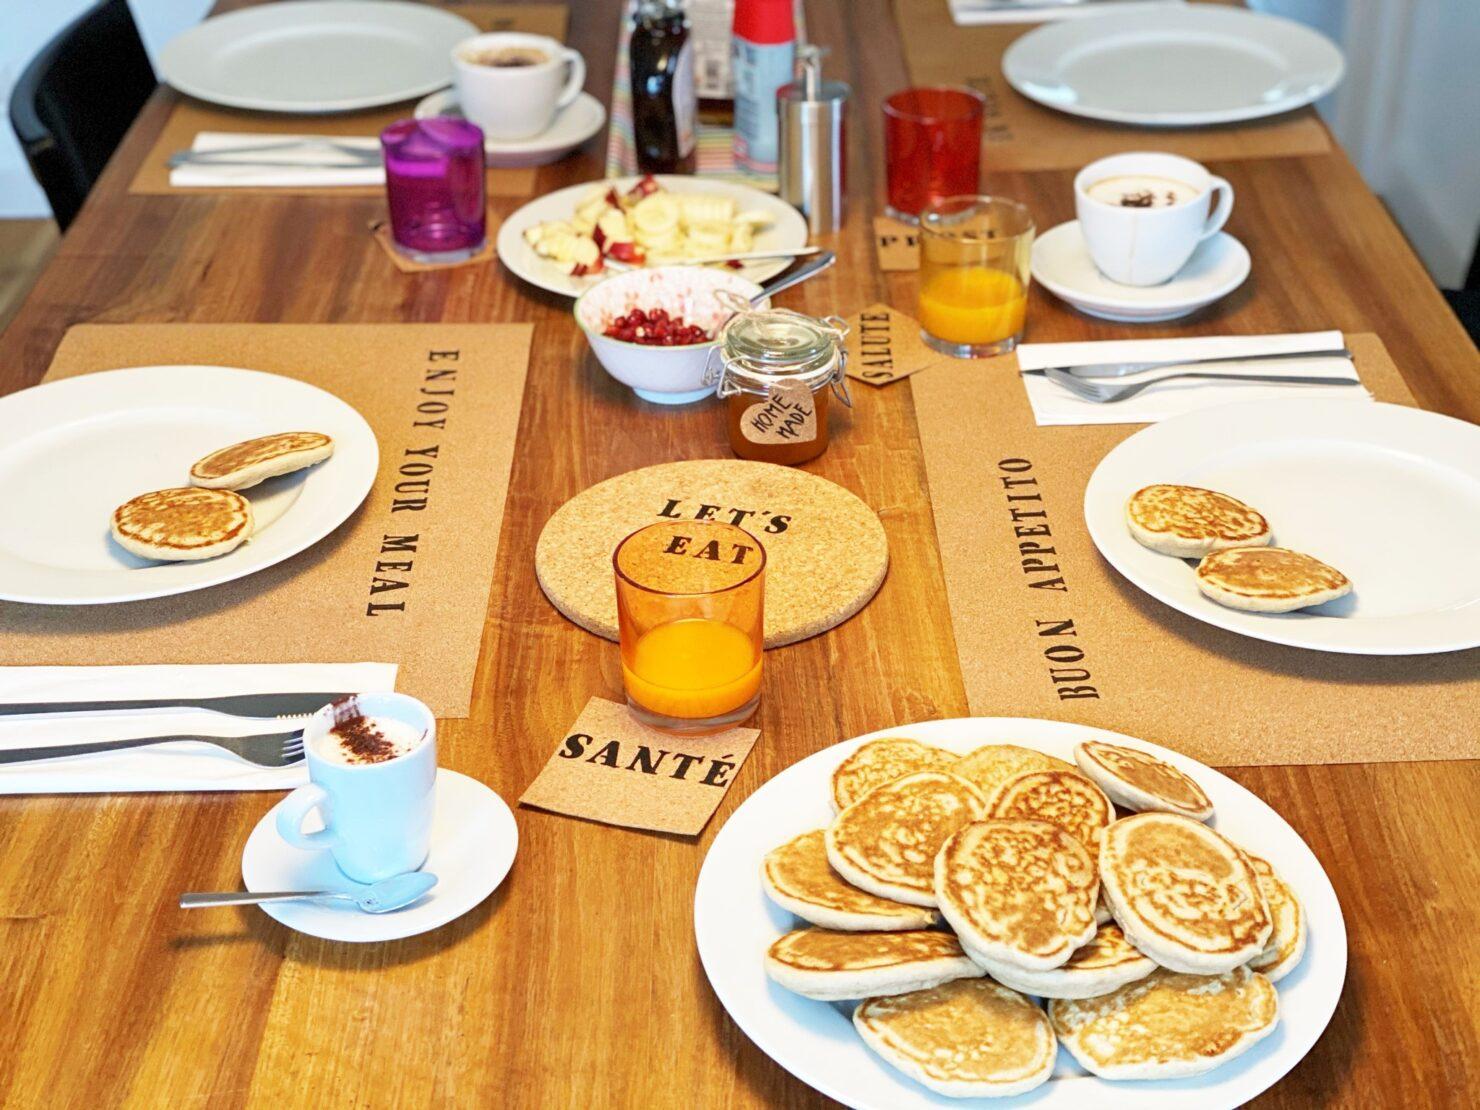 Tischsets & Untersetzer aus Kork